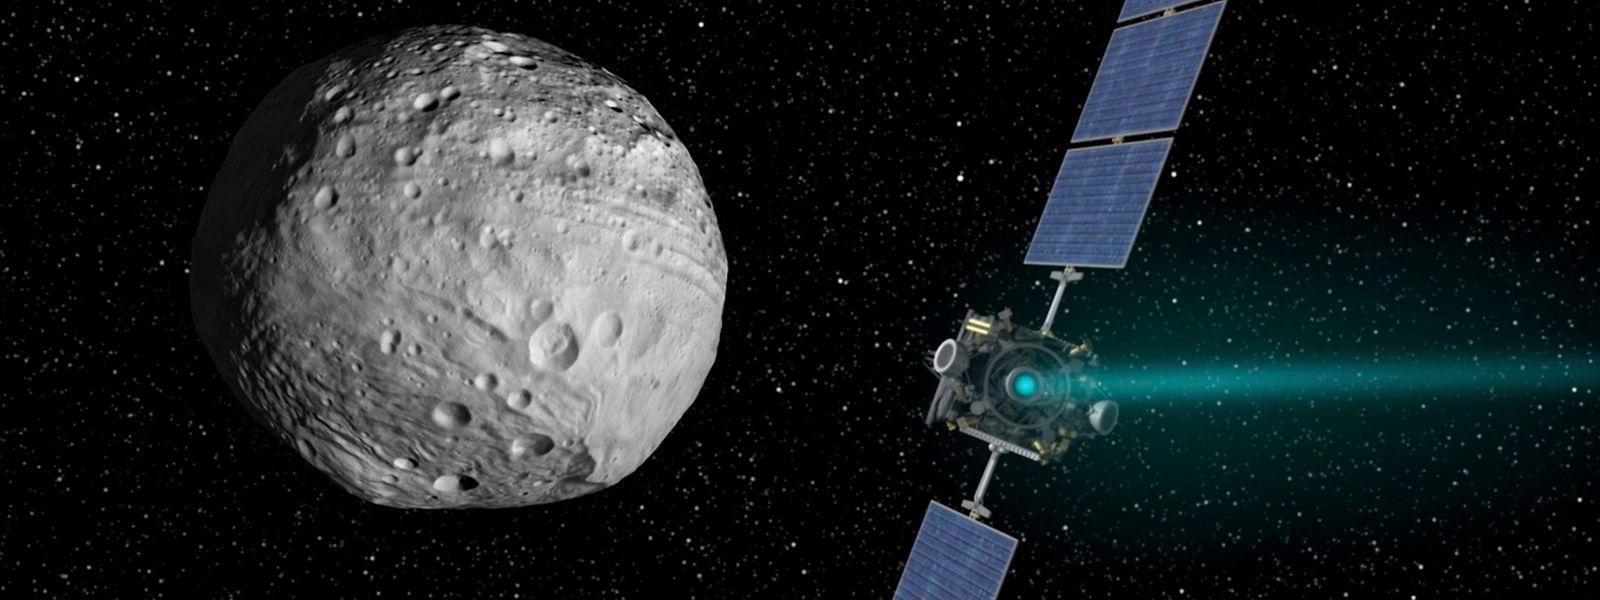 Das Innovationscentre soll Forschung und Entwicklung rund um Weltraumfragen ankurbeln.